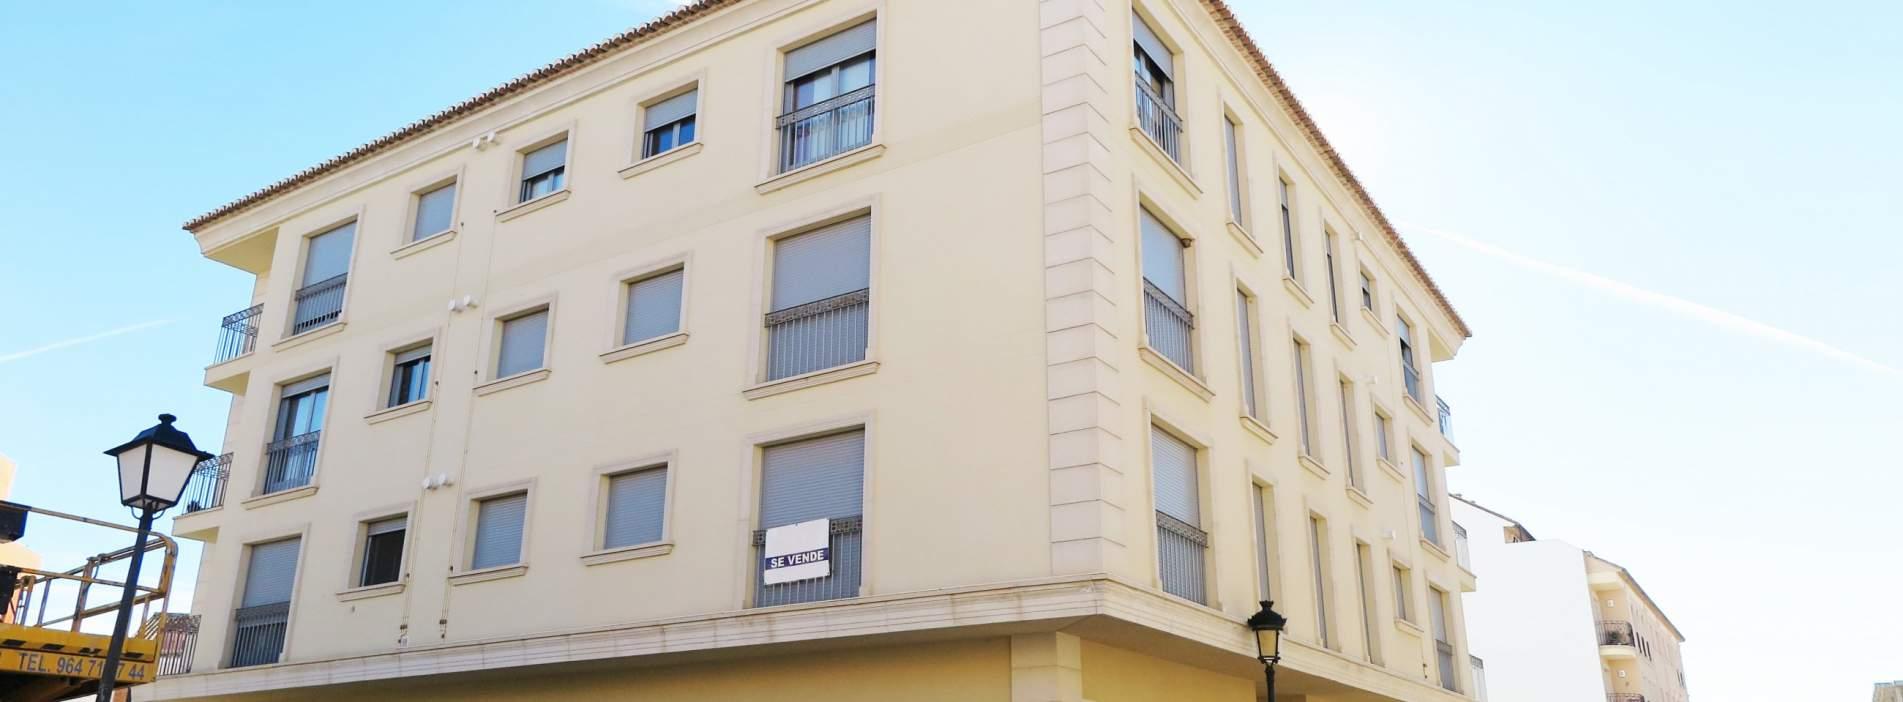 Viviendas a estrenar de 3 dormitorios, garajes y trasteros a la venta en Segorbe - Calle Matet